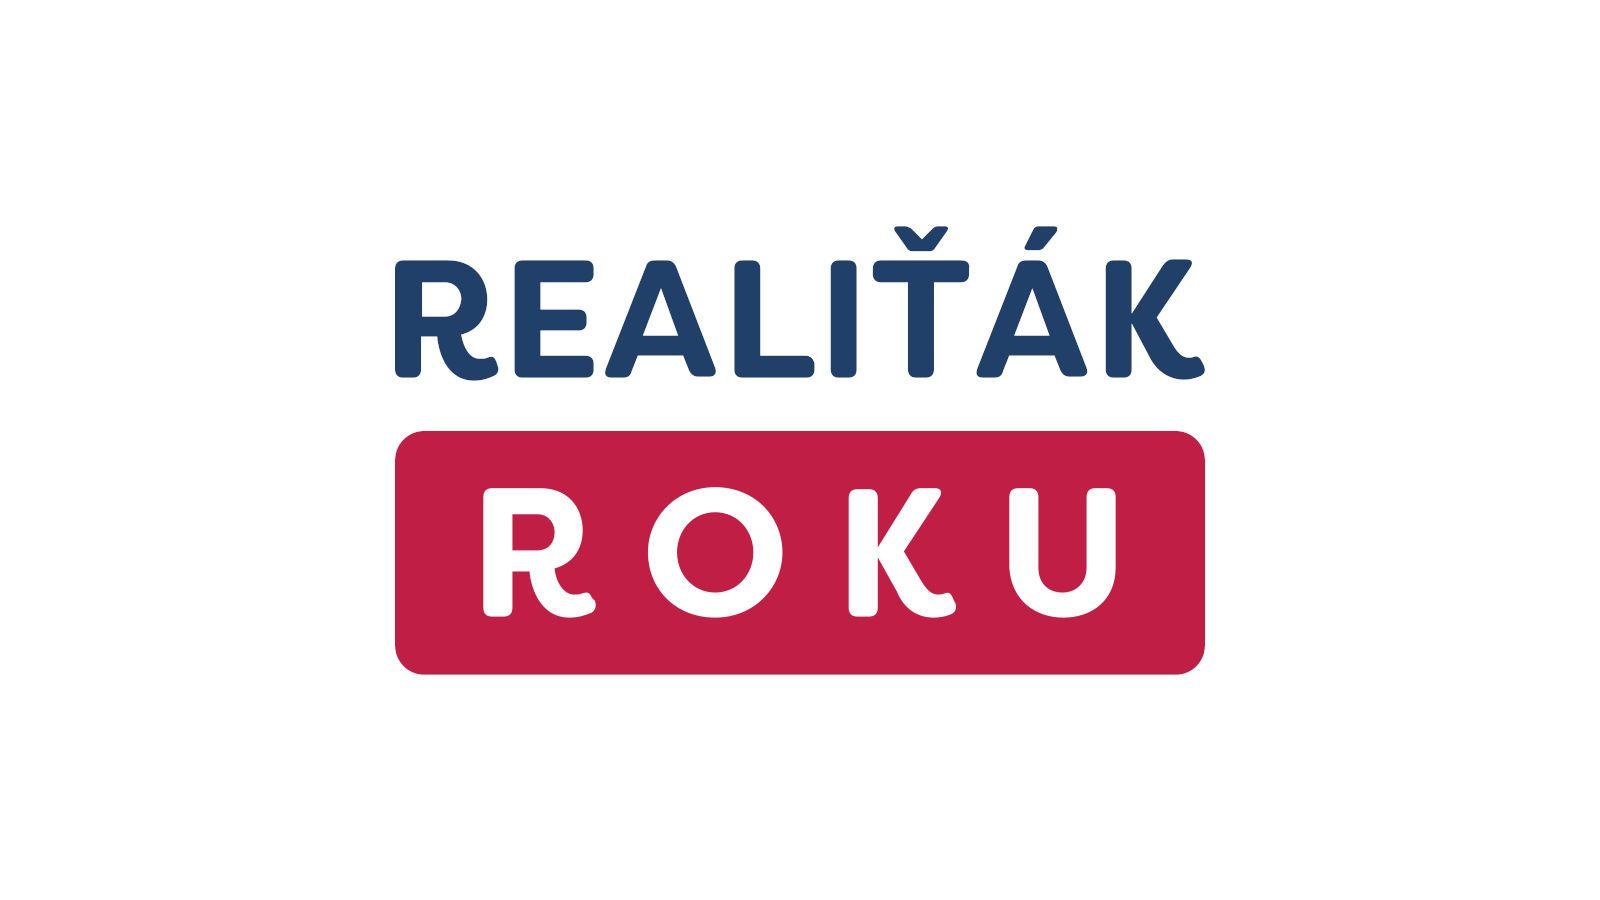 Převzetí vývoje projektu realitakroku.cz